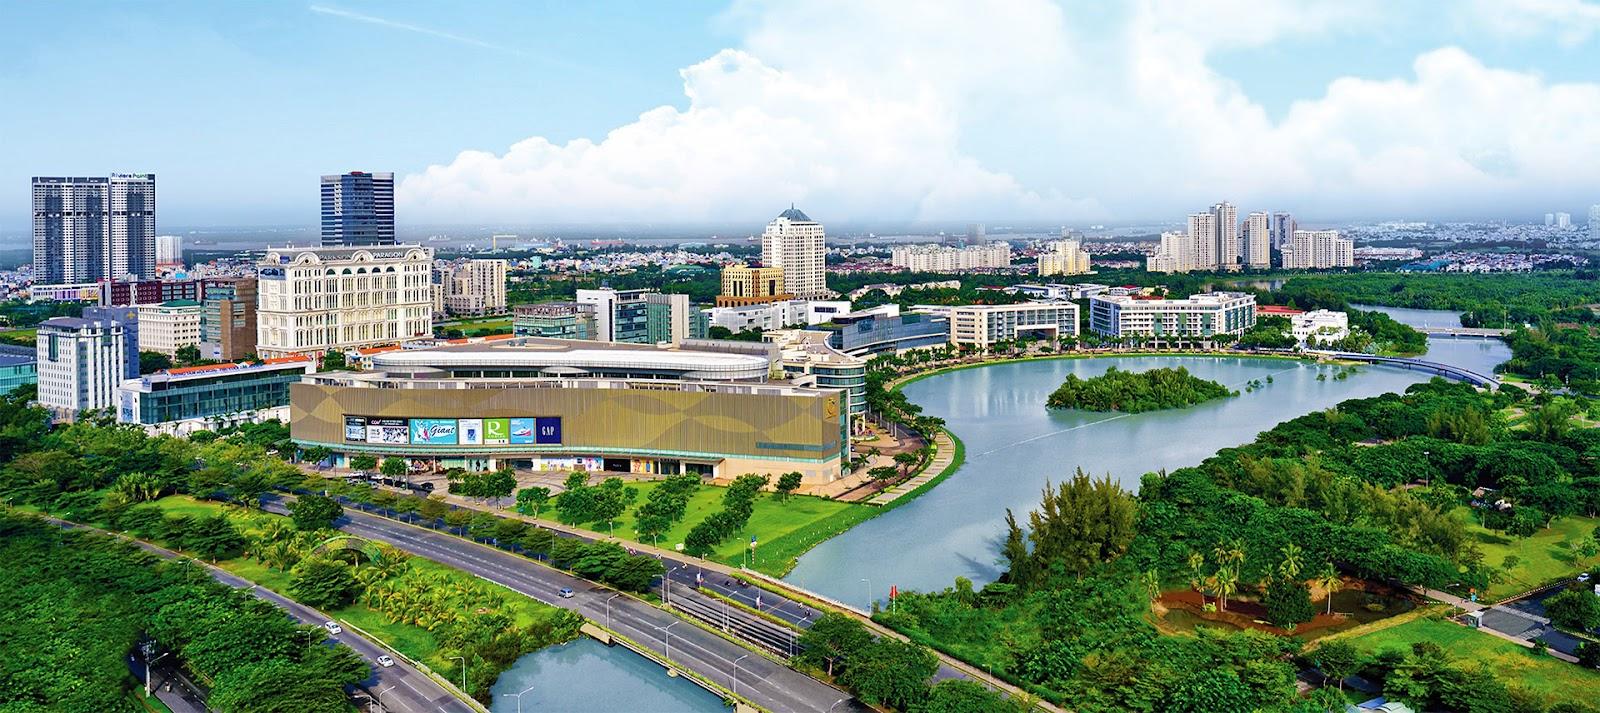 Phú Mỹ Hưng được biết đến là đô thị xanh bậc nhất